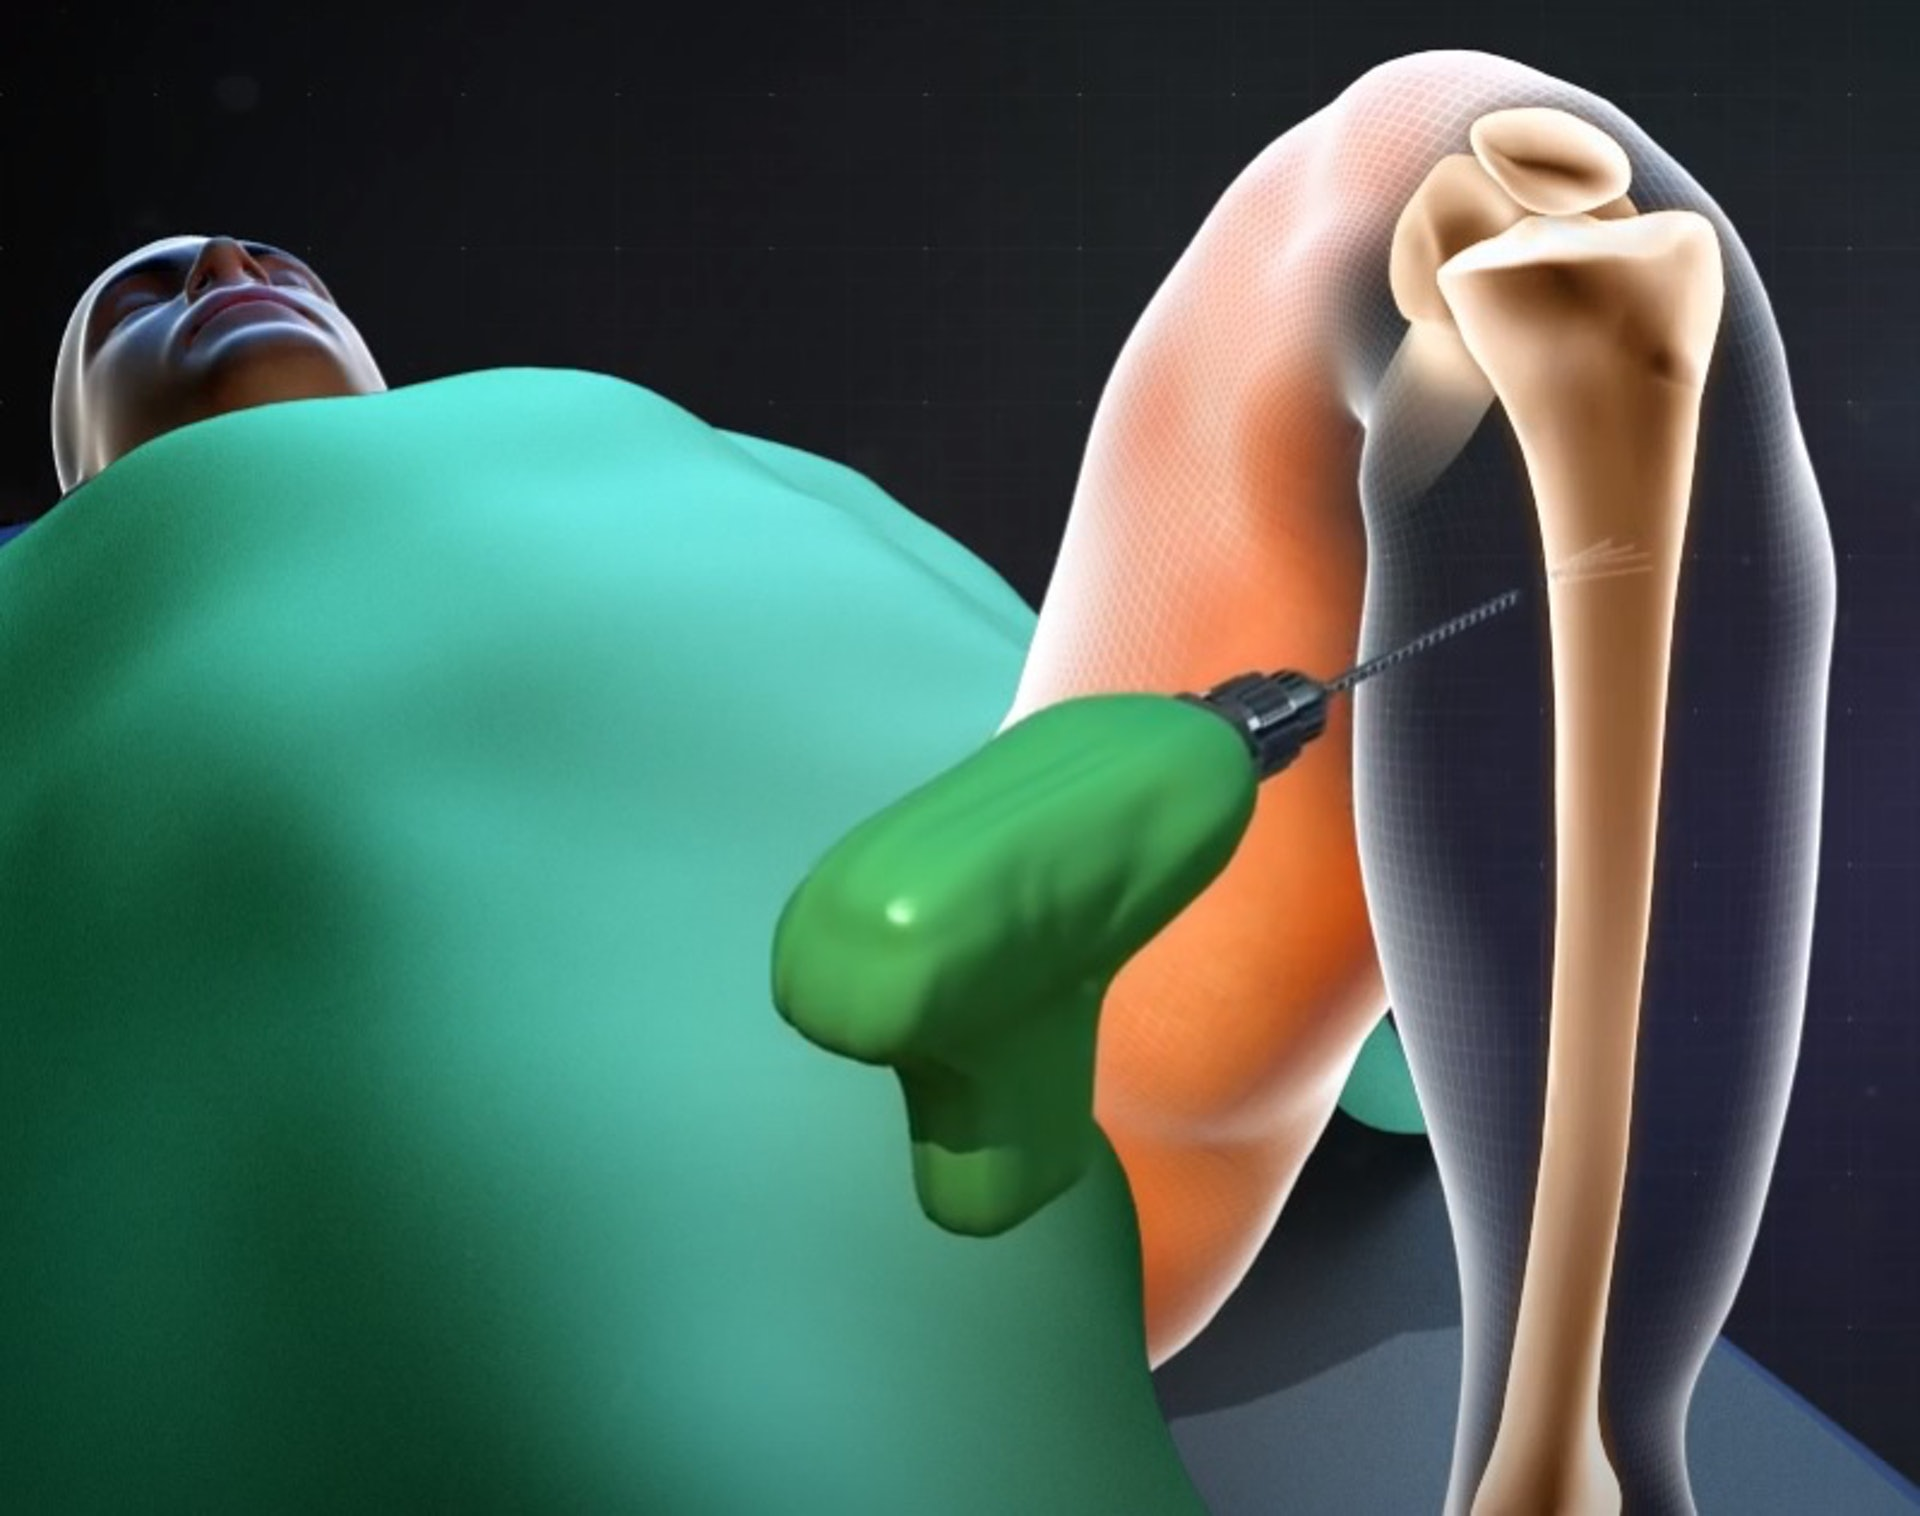 進行斷骨增高手術時,醫生會先在腿骨上鑽孔。(Youtube影片截圖/示意圖)